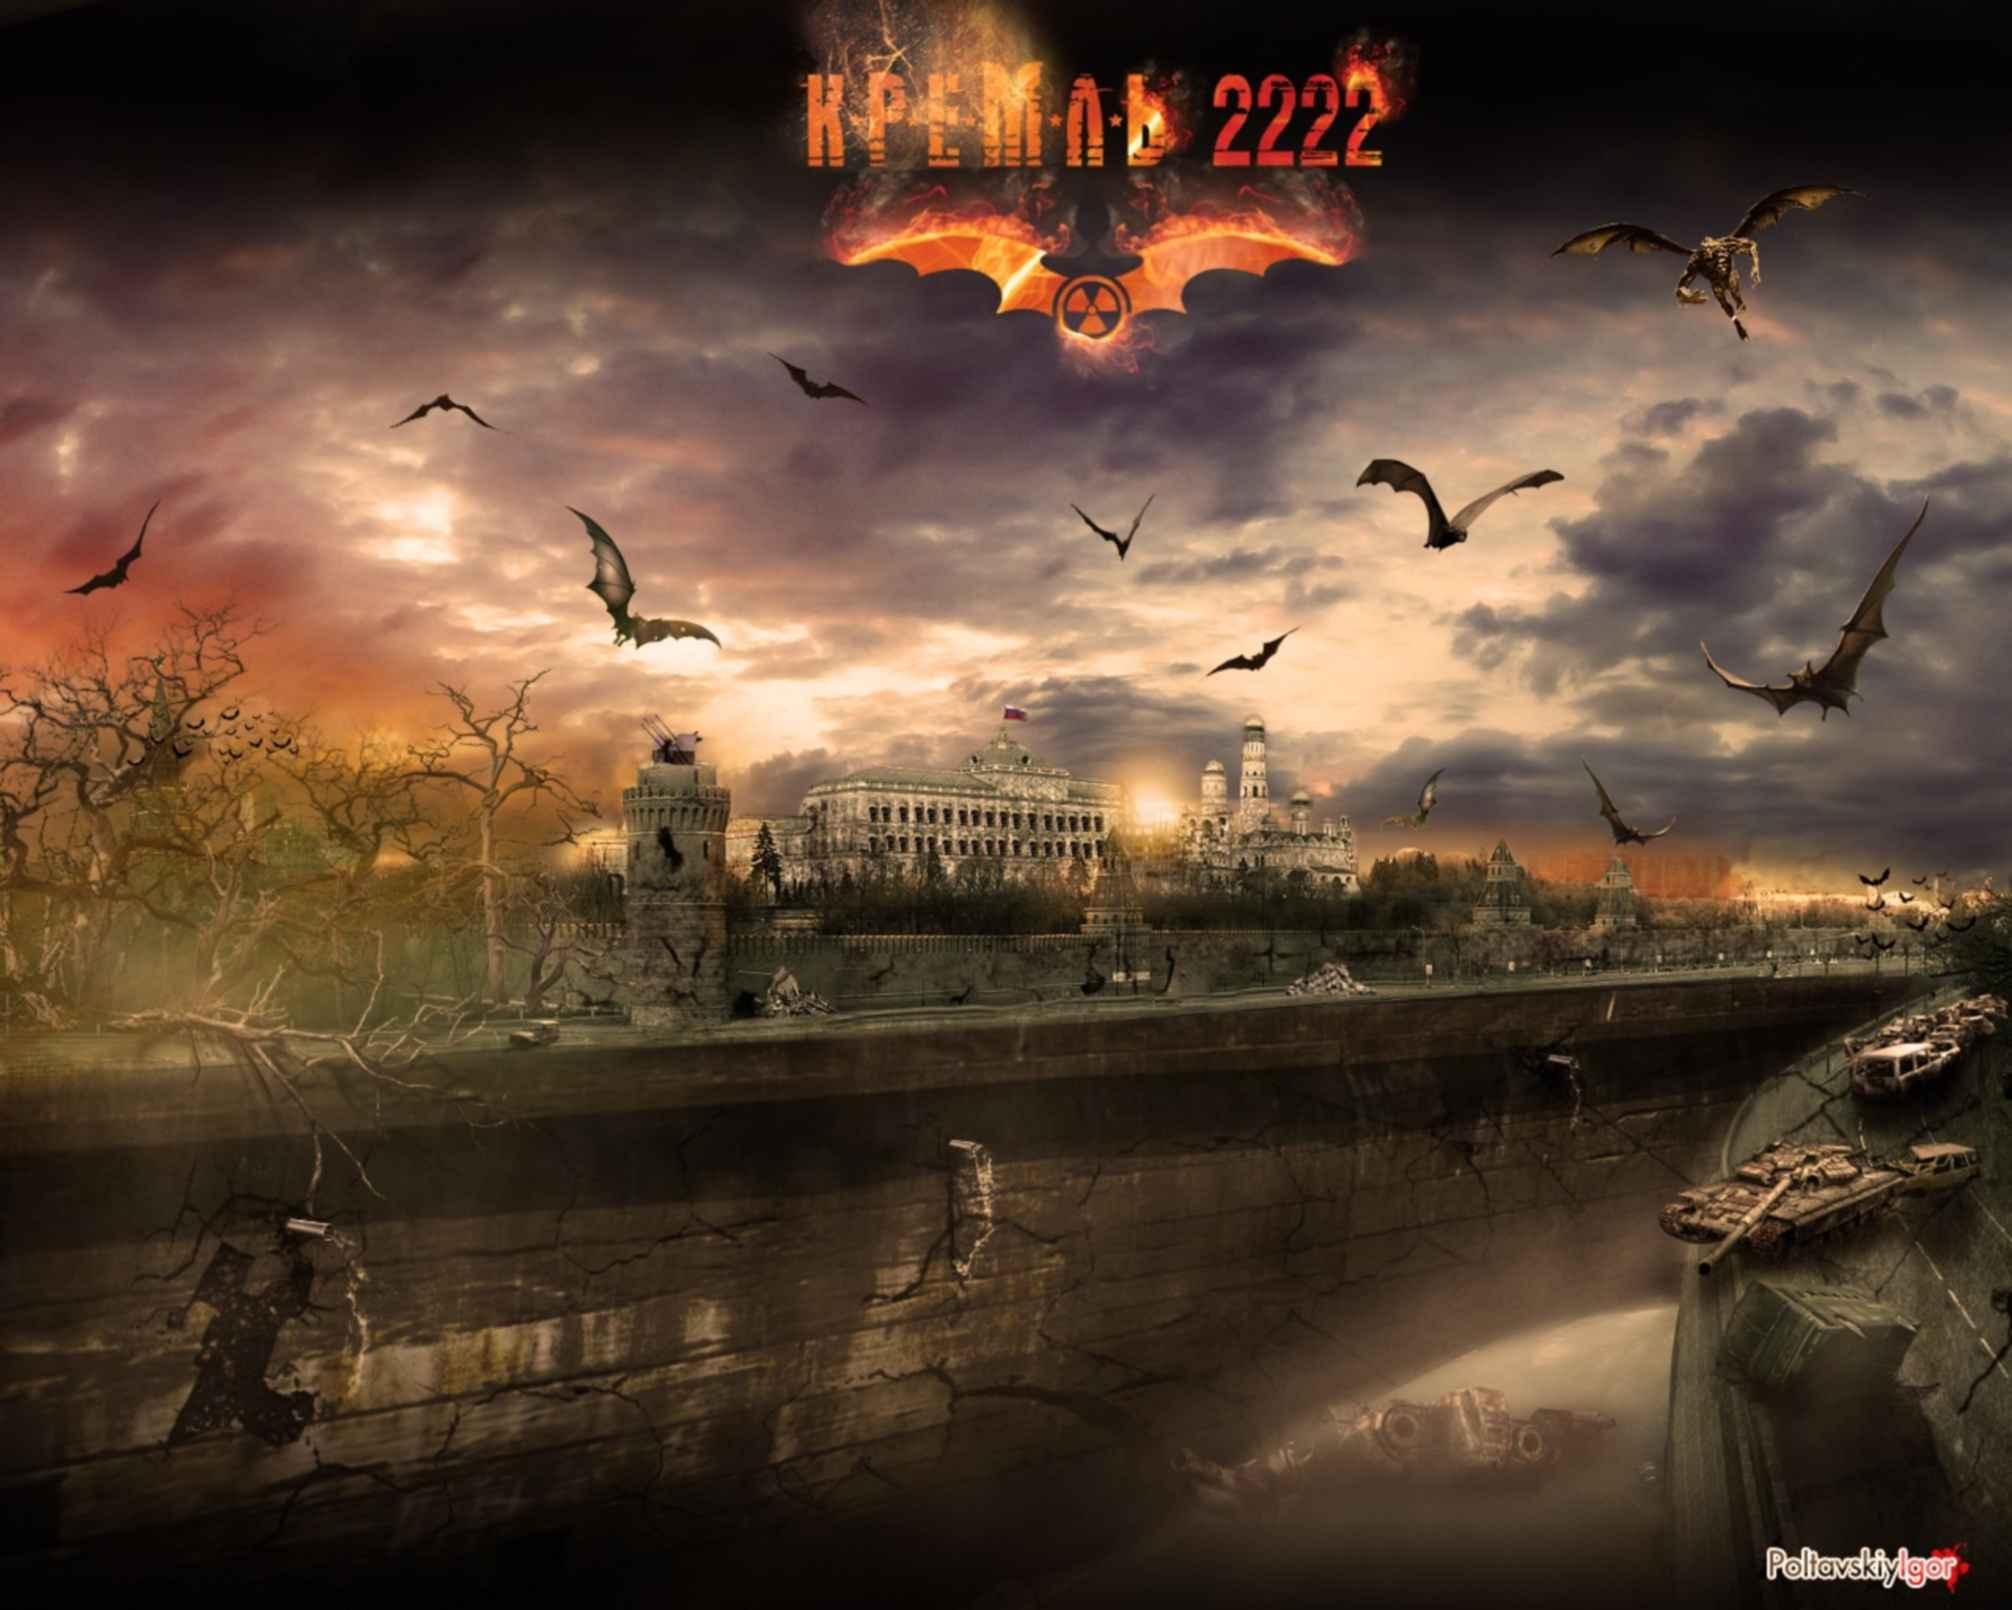 владислав выставной кремль 2222 книги